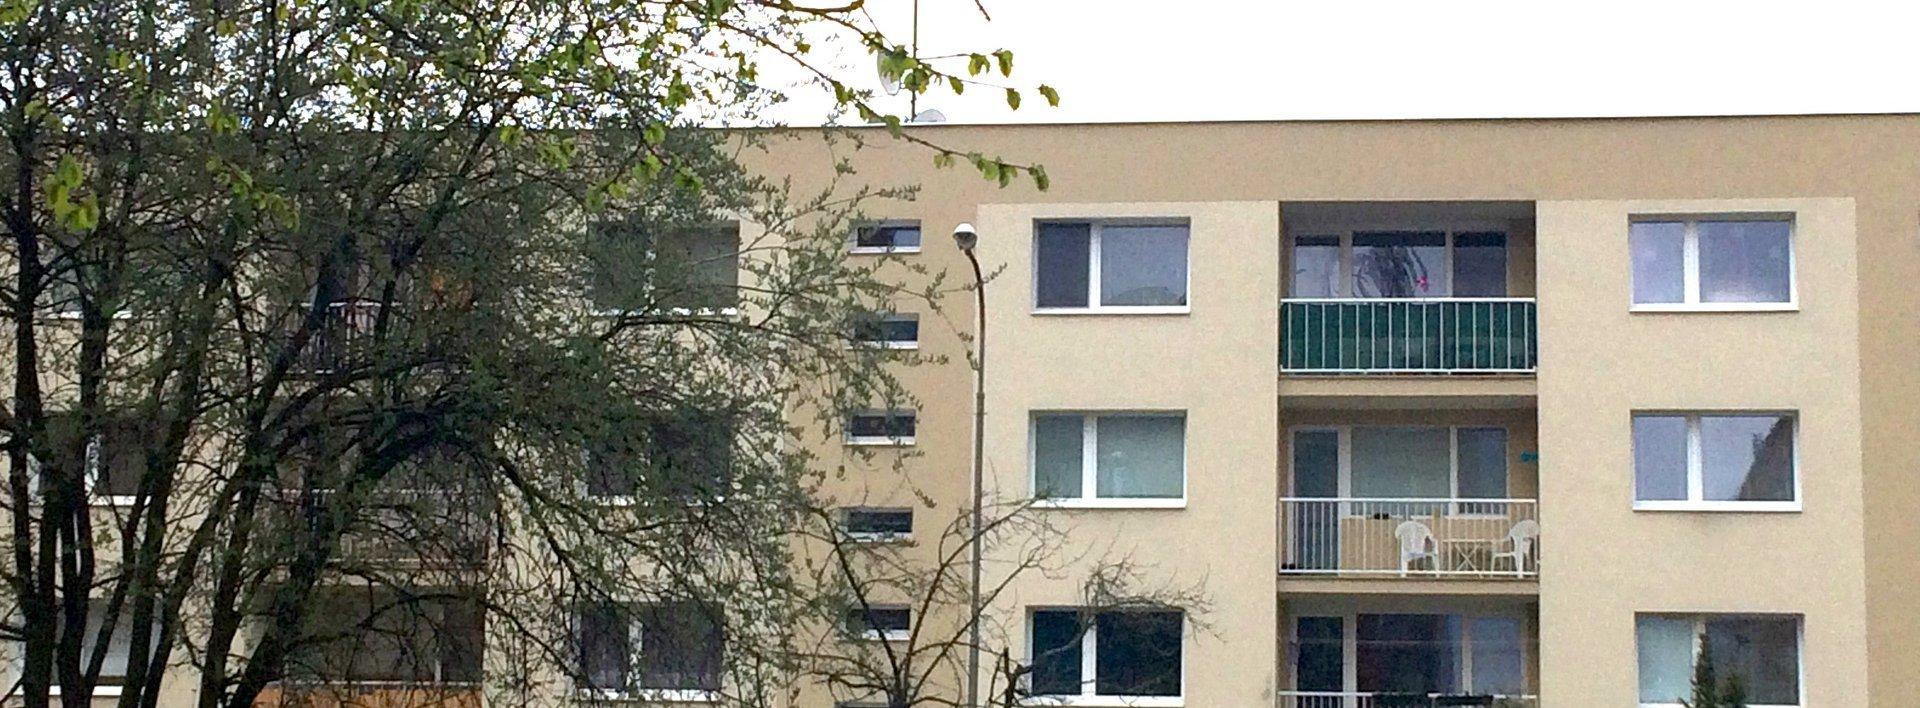 Prodej bytu 4+1 s lodžií, 85 m² - Liberec Vesec, ul. Pacltova, Ev.č.: N47990